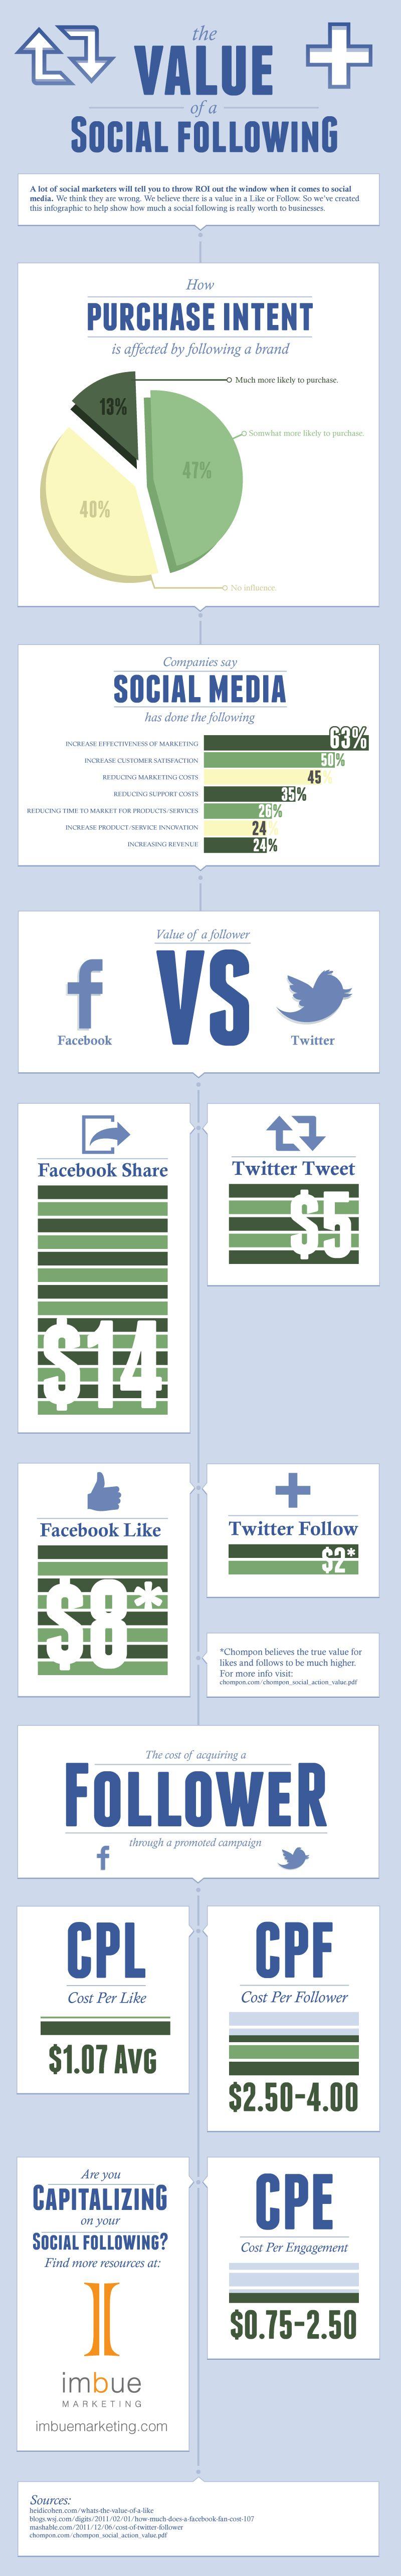 우앗 좋은자료.  ROI는 페북이 쩌네여, 트위터 유저들의 성향탓도 있을듯,-페이스북과 트위터의 가치-